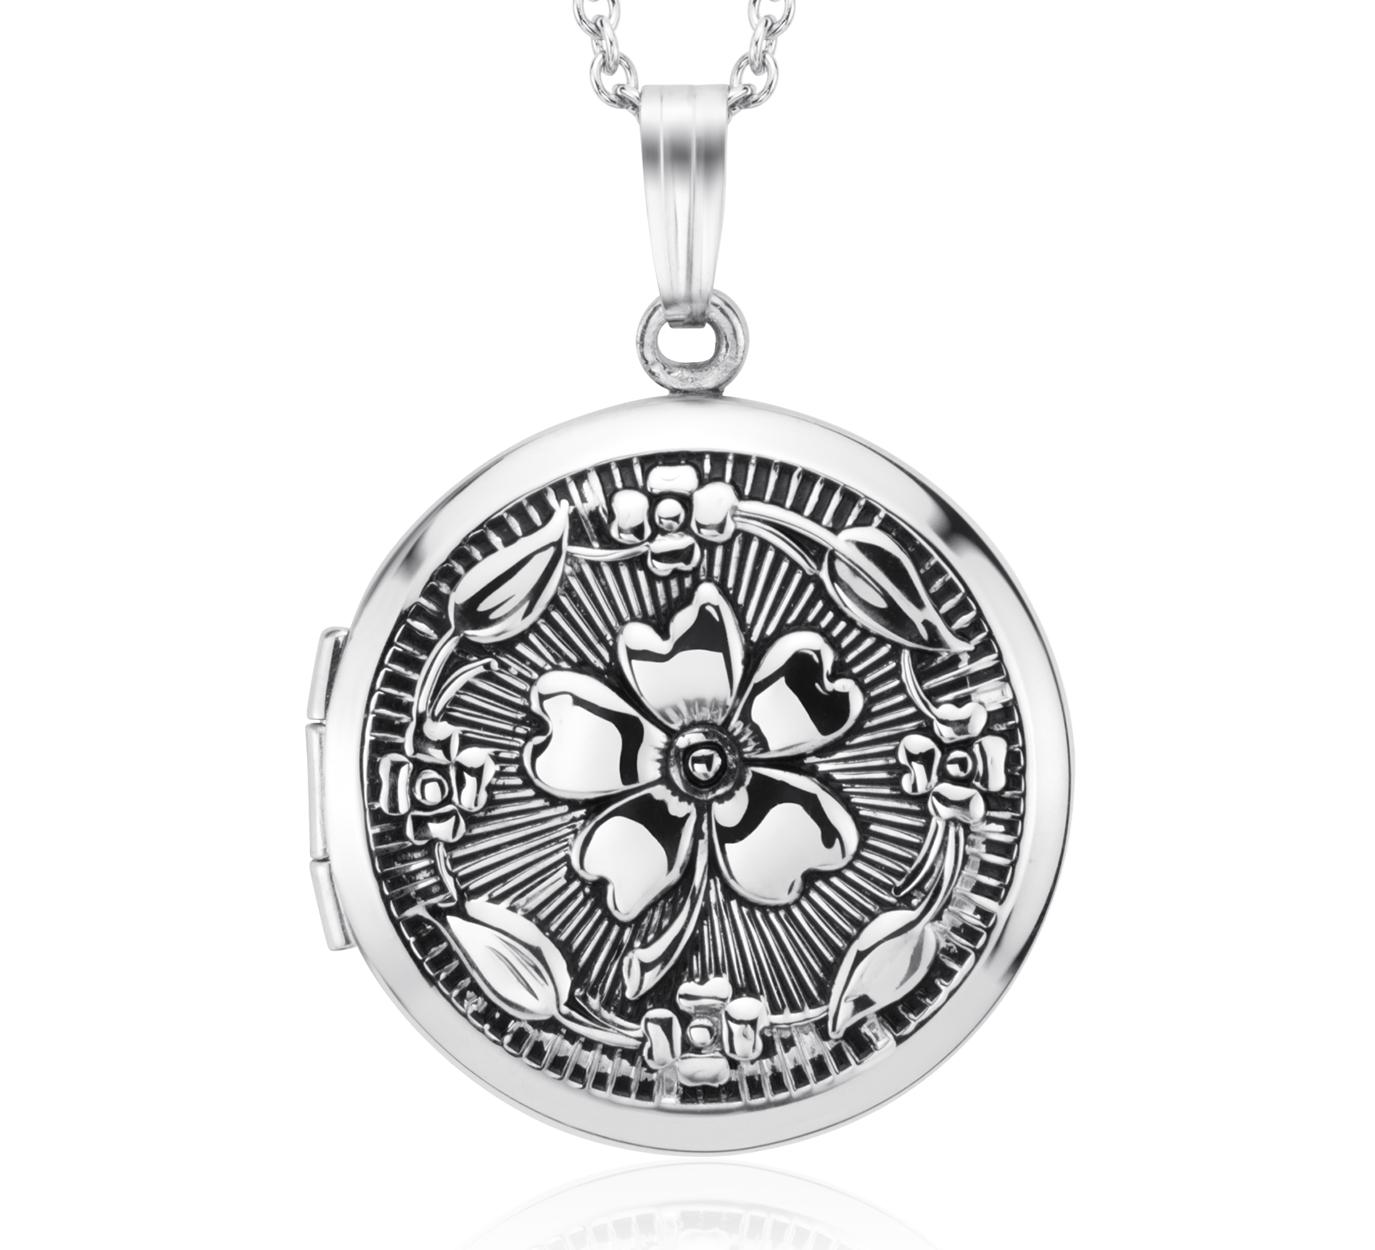 Médaillon floral rond antique en argent sterling